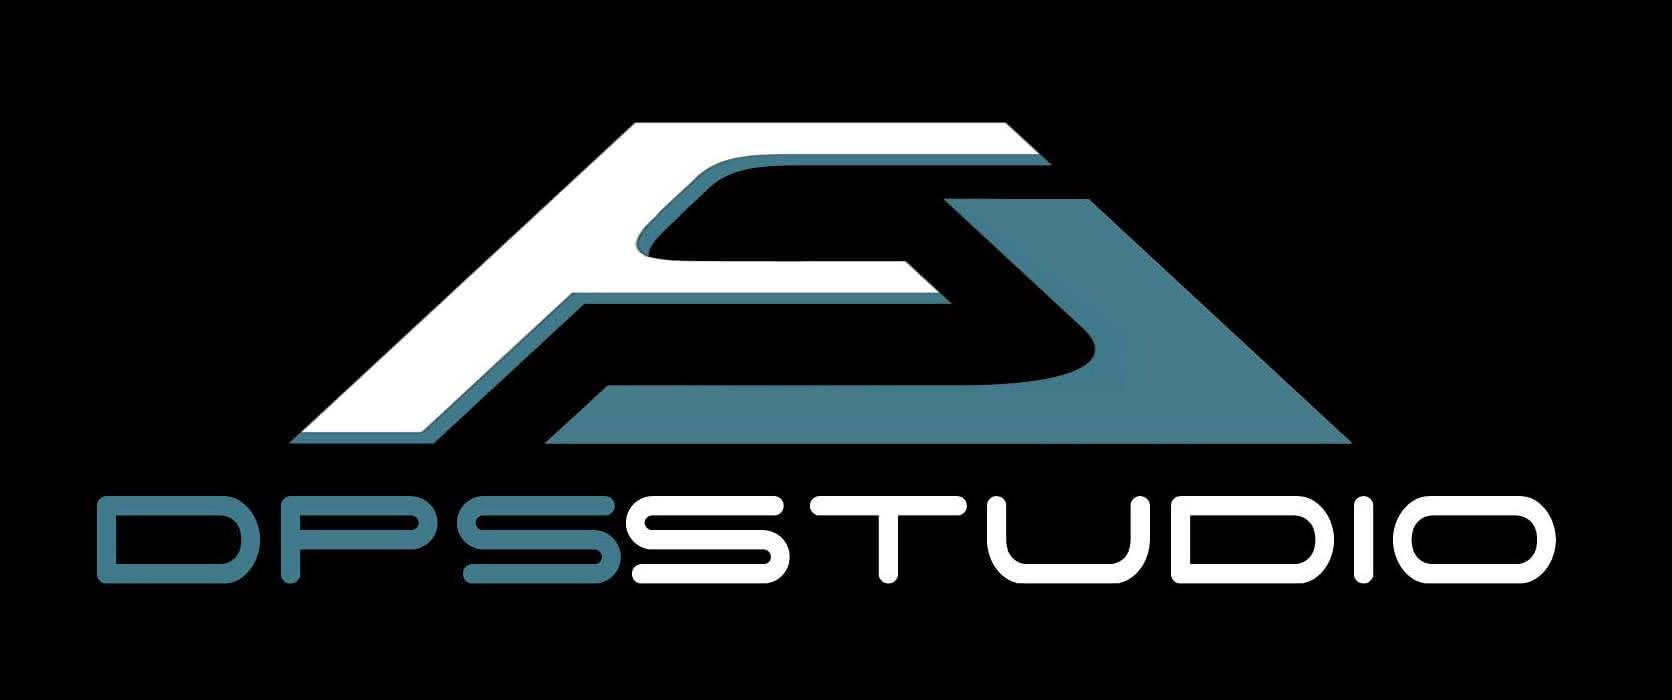 DPS STUDIO